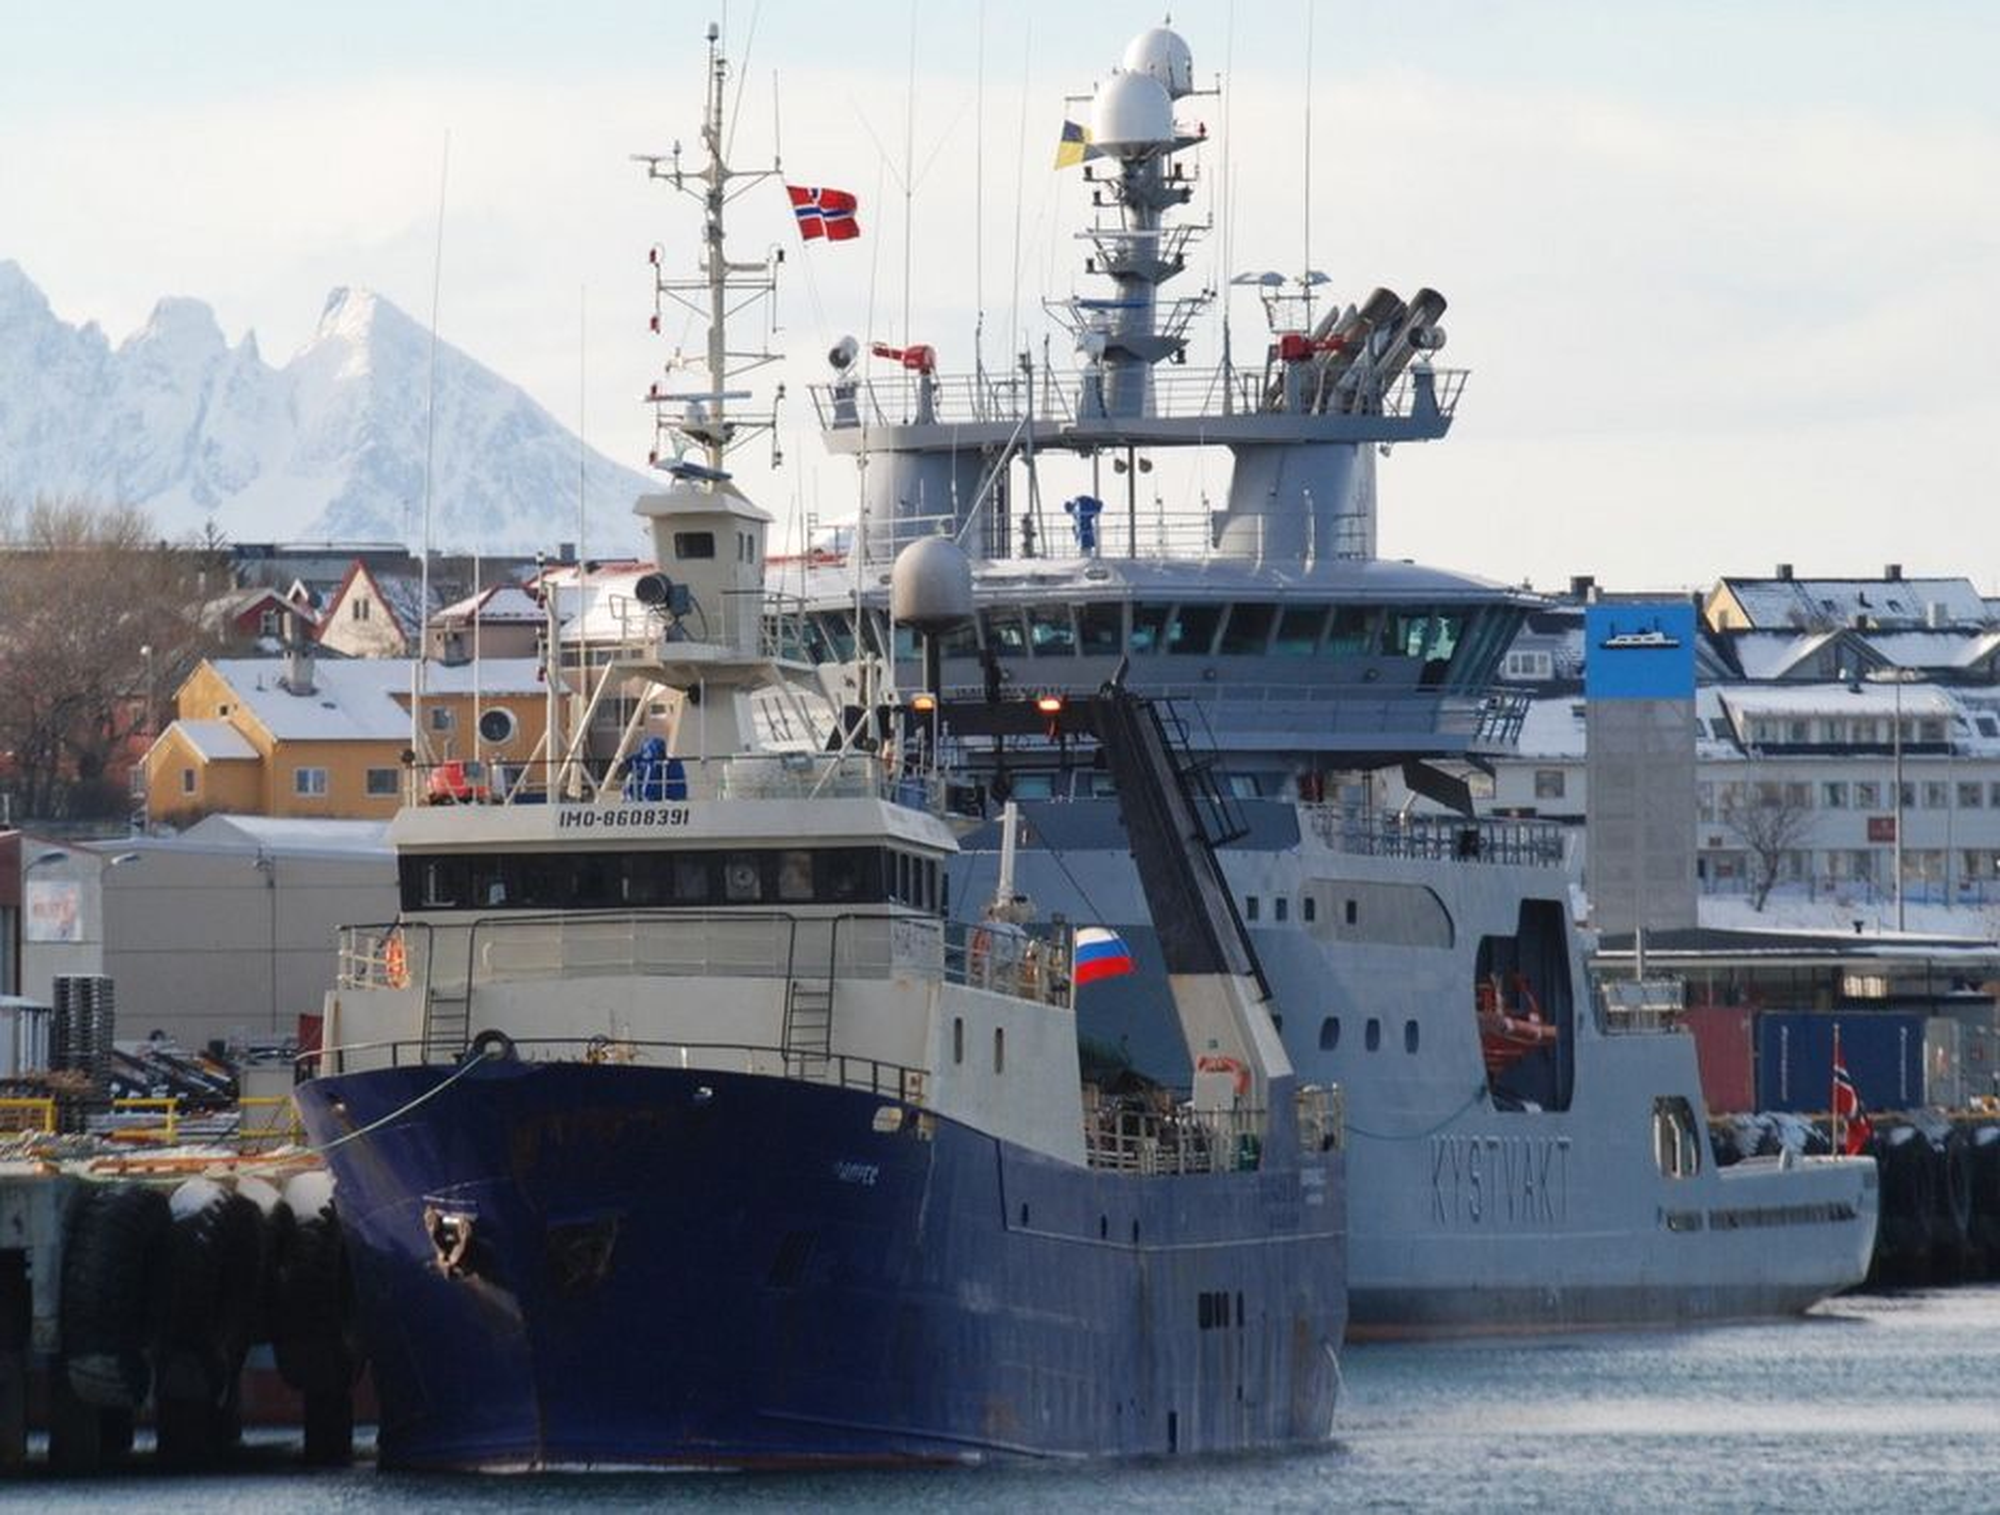 Arkivbilde av den russiske tråleren Koralnes som fredag morgen skal være i ferd med å synke utenfor kysten av Troms. Bildet er tatt i mars 2008 etter at tråleren ble oppbarkt av Kystvakten og ført til land i Bodø.